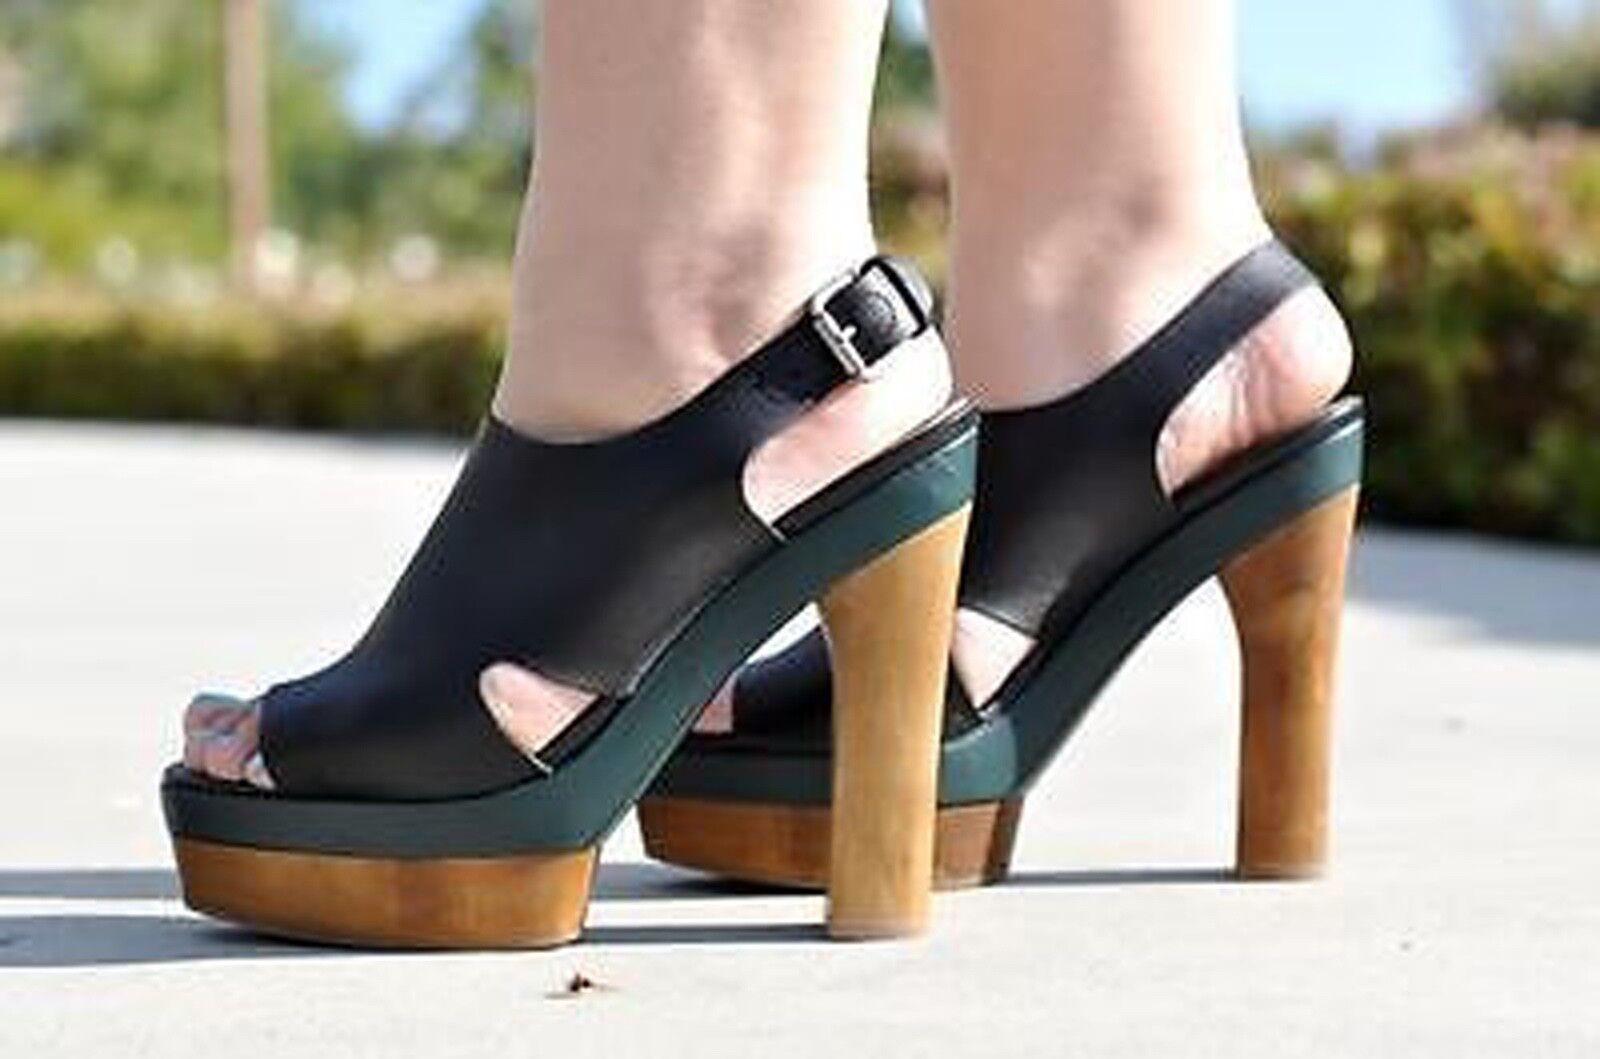 Marni H&M Negro Cuero De Madera Verde + Tacones Plataformas Sandalias Zapatos /